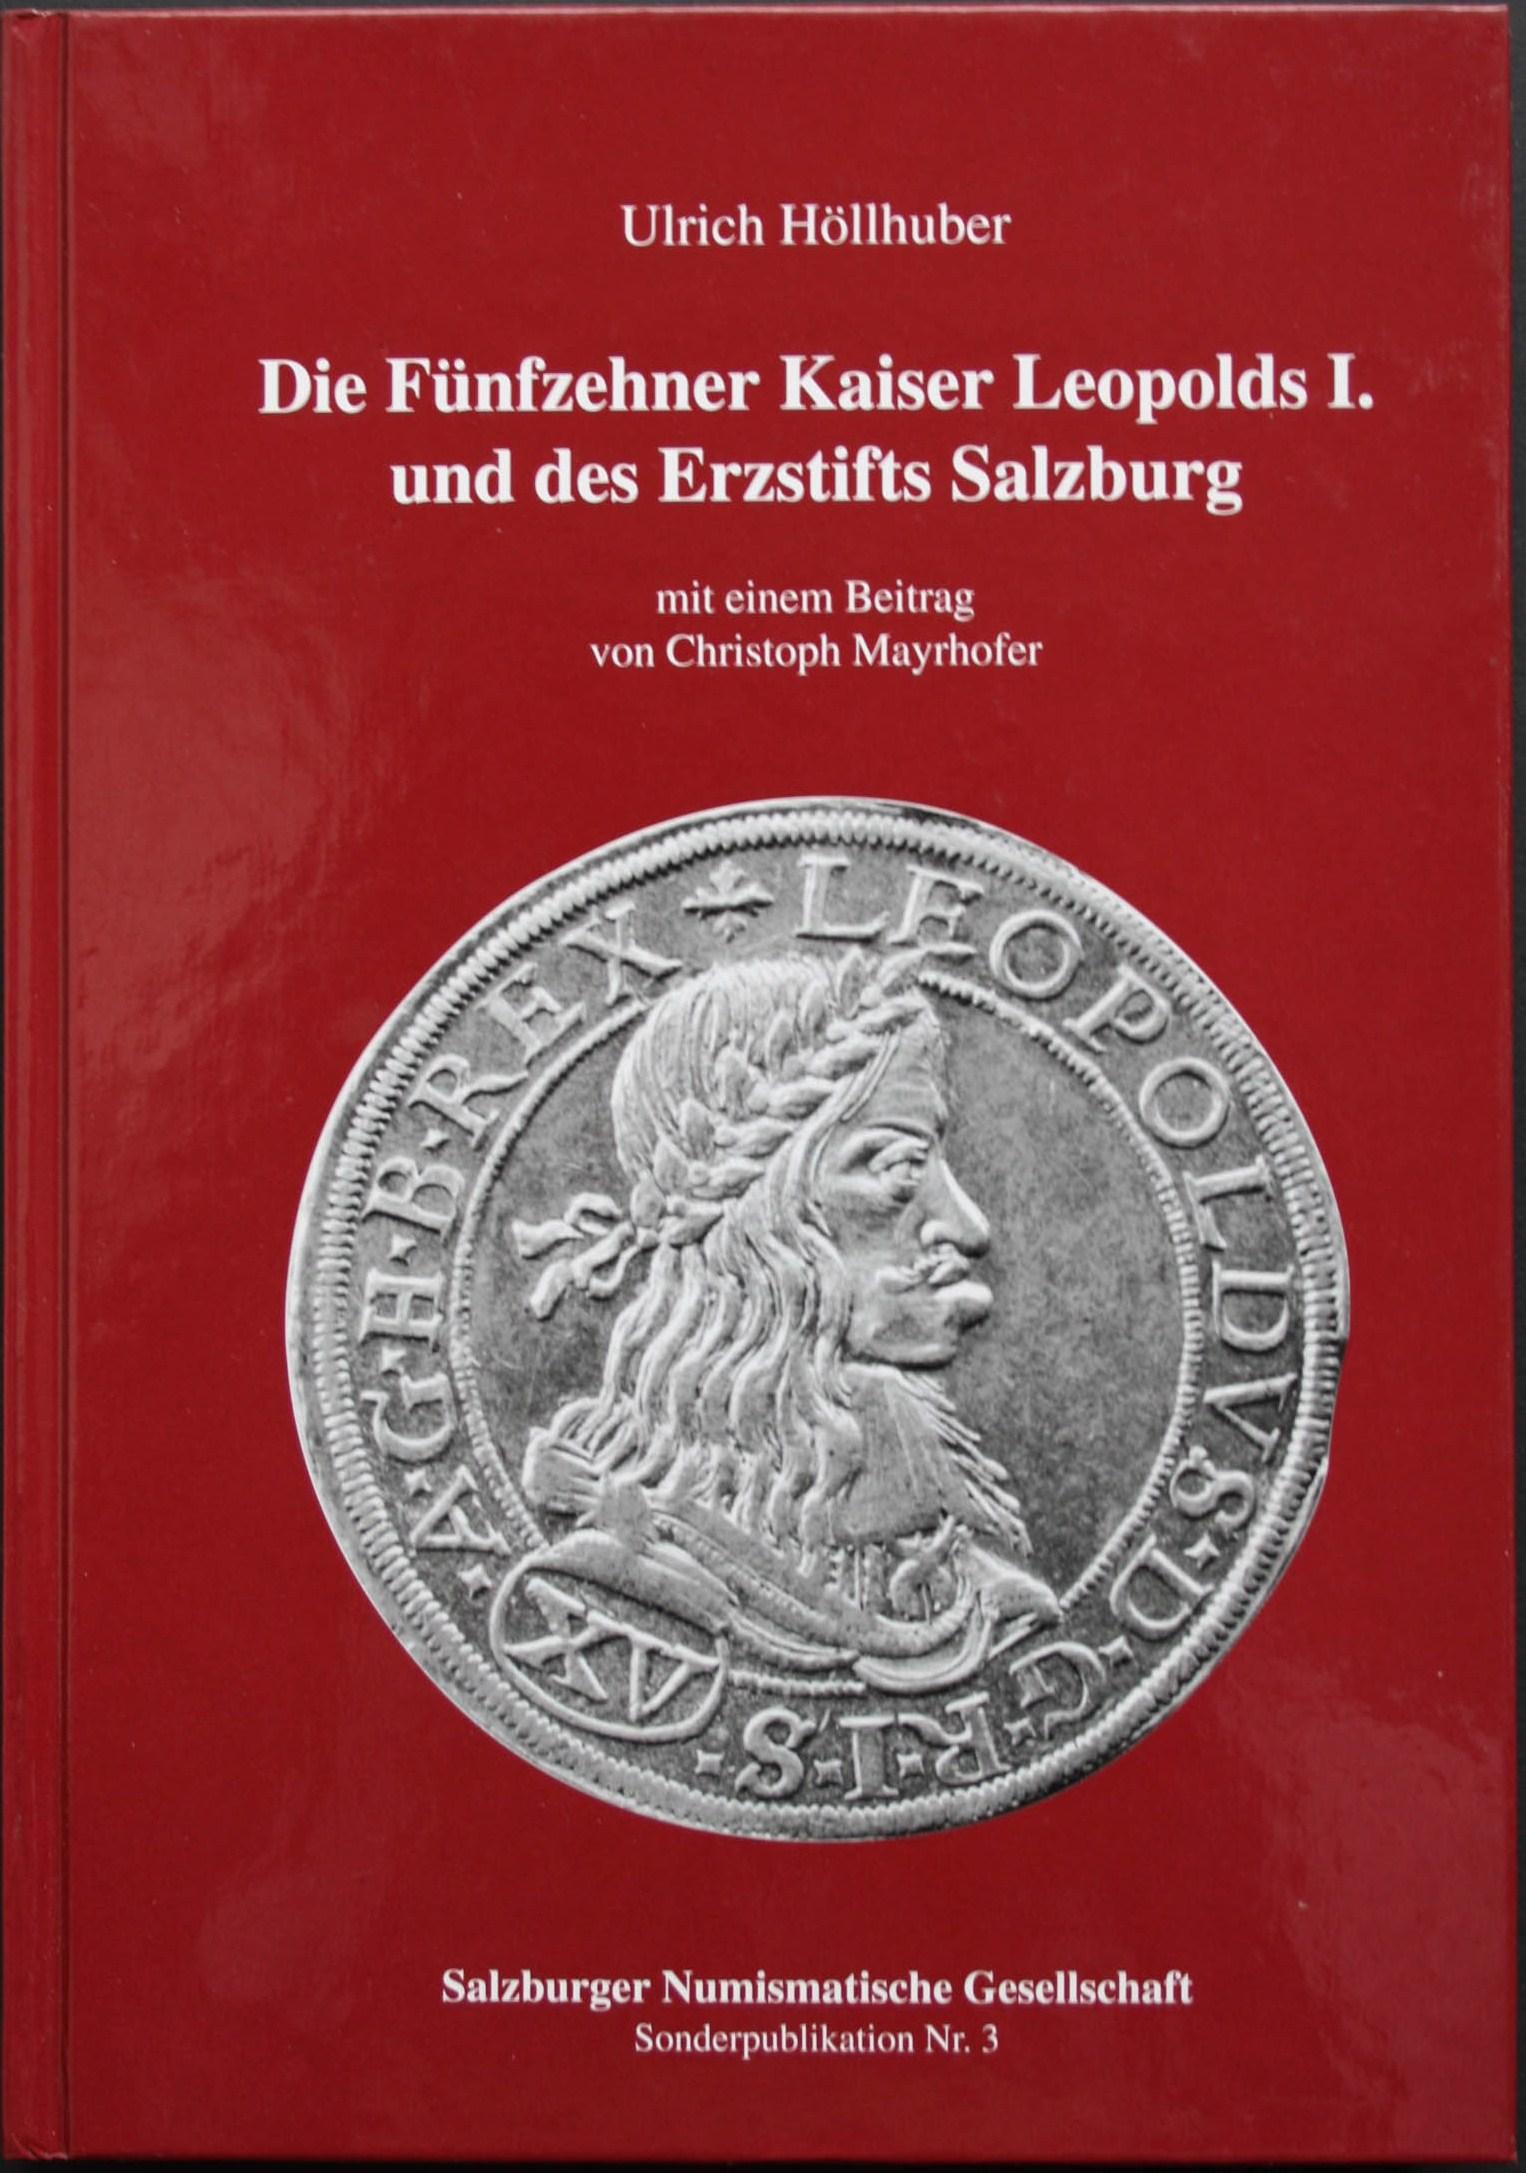 Die Fünfzehner Kaiser Leopolds 1.